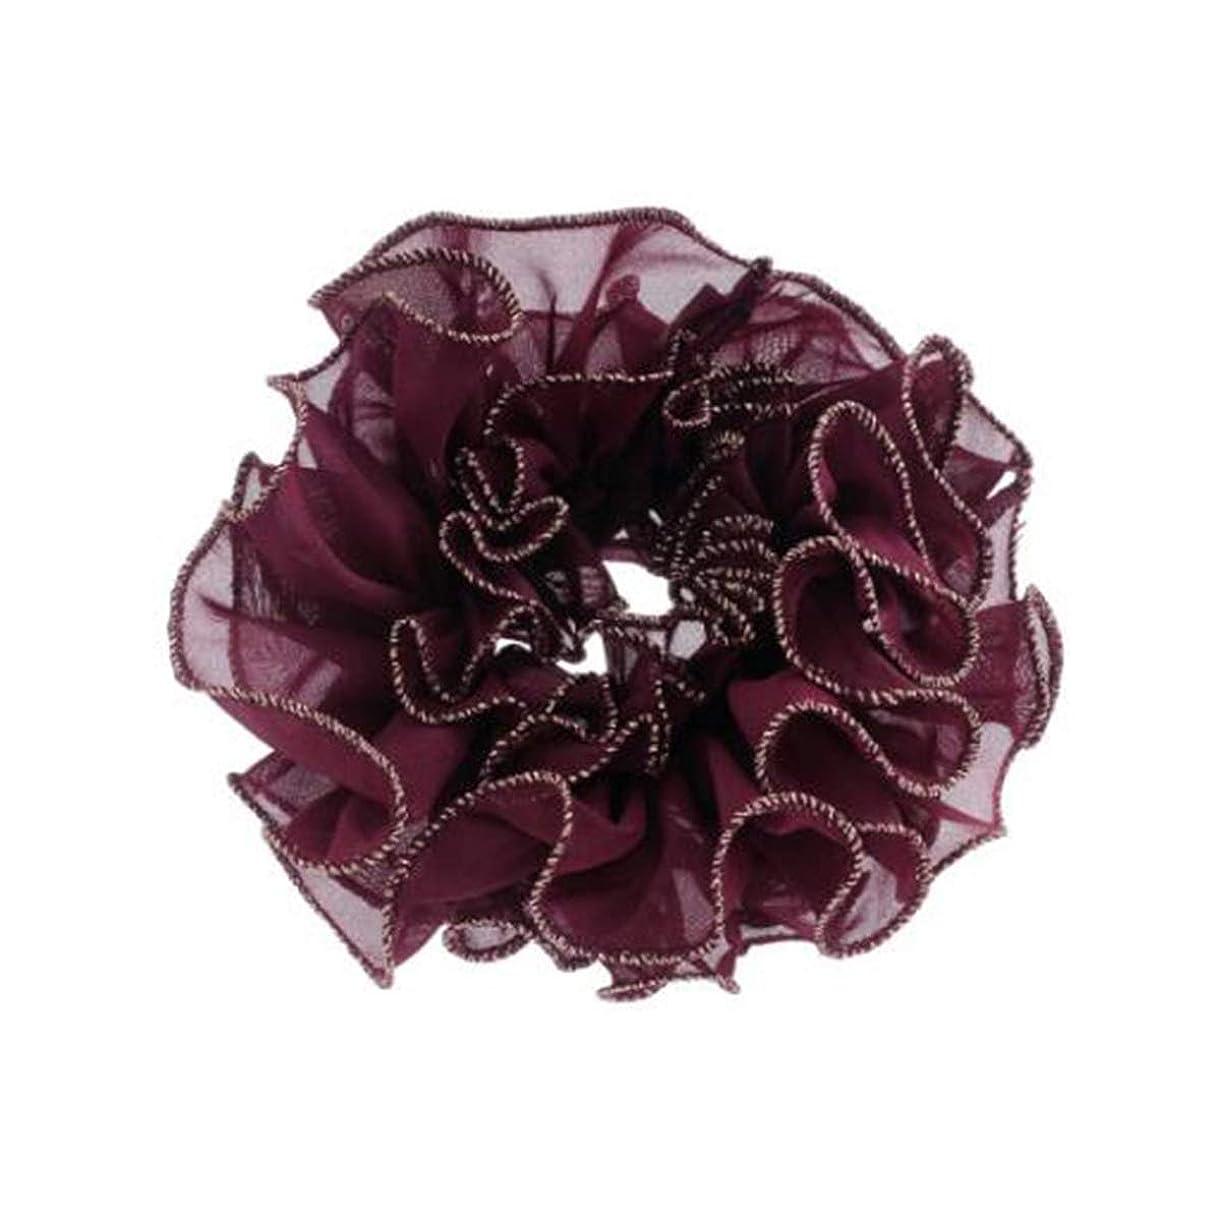 ジョセフバンクス賄賂挑むヘアクリップ、ヘアピン、ヘアグリップ、ヘアグリップ、帽子、ファッションヘアアクセサリー、ヘッド、花、ネクタイ、ヘアロープ、ヘアバンド、ラバーバンド、帽子、A219、ブルゴーニュ、ネイビー、グレー、ブラック (Color : Wine red)